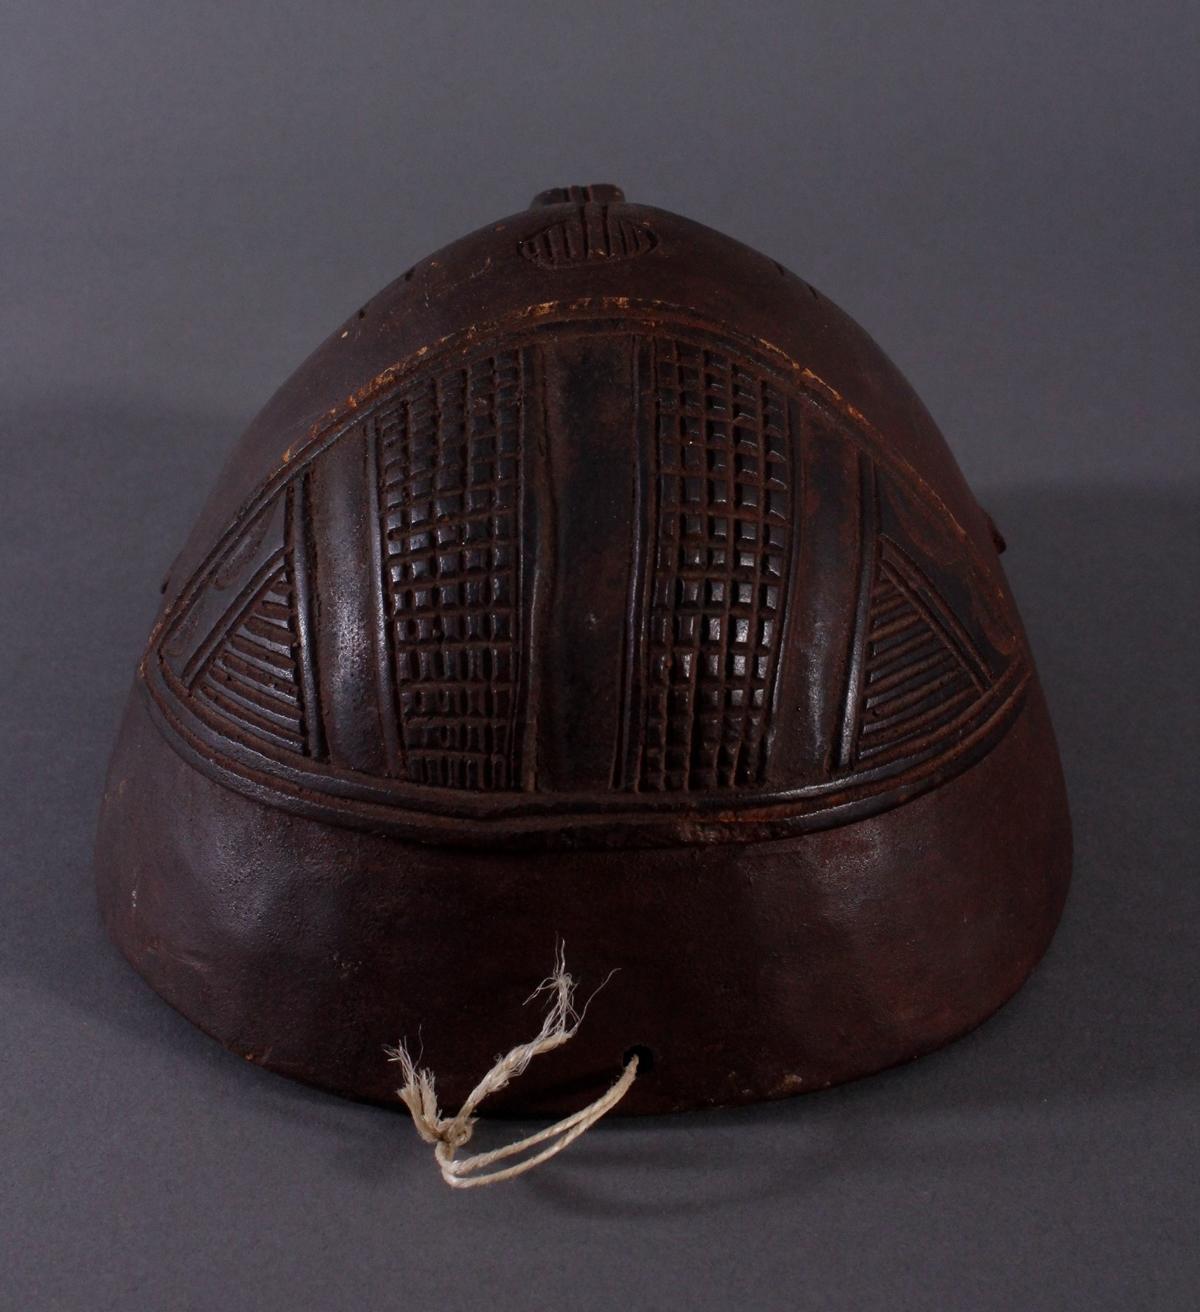 Antike Maske, Mbunda, Sambia 1. Hälfte 20. Jh.Holz geschnitzt, braune Patina, ovale Form, - Bild 5 aus 6